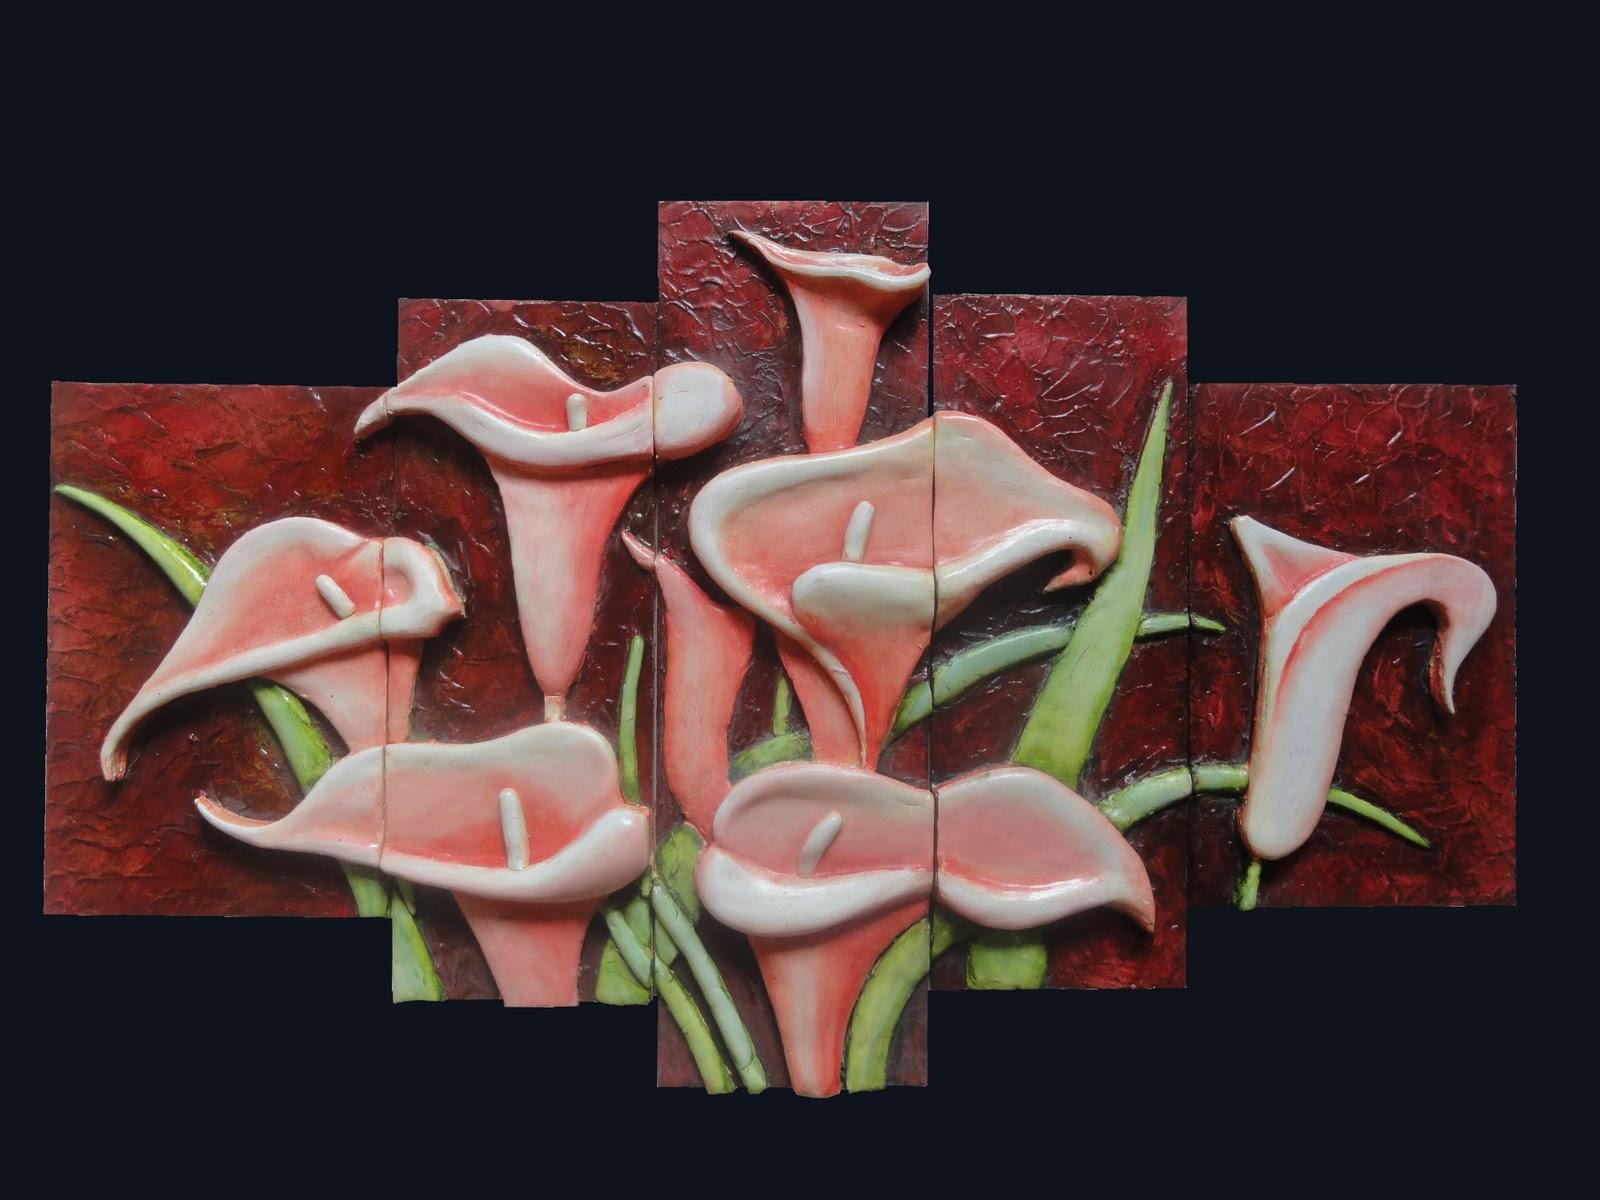 Mural Art By Datta Vaidya October 2011